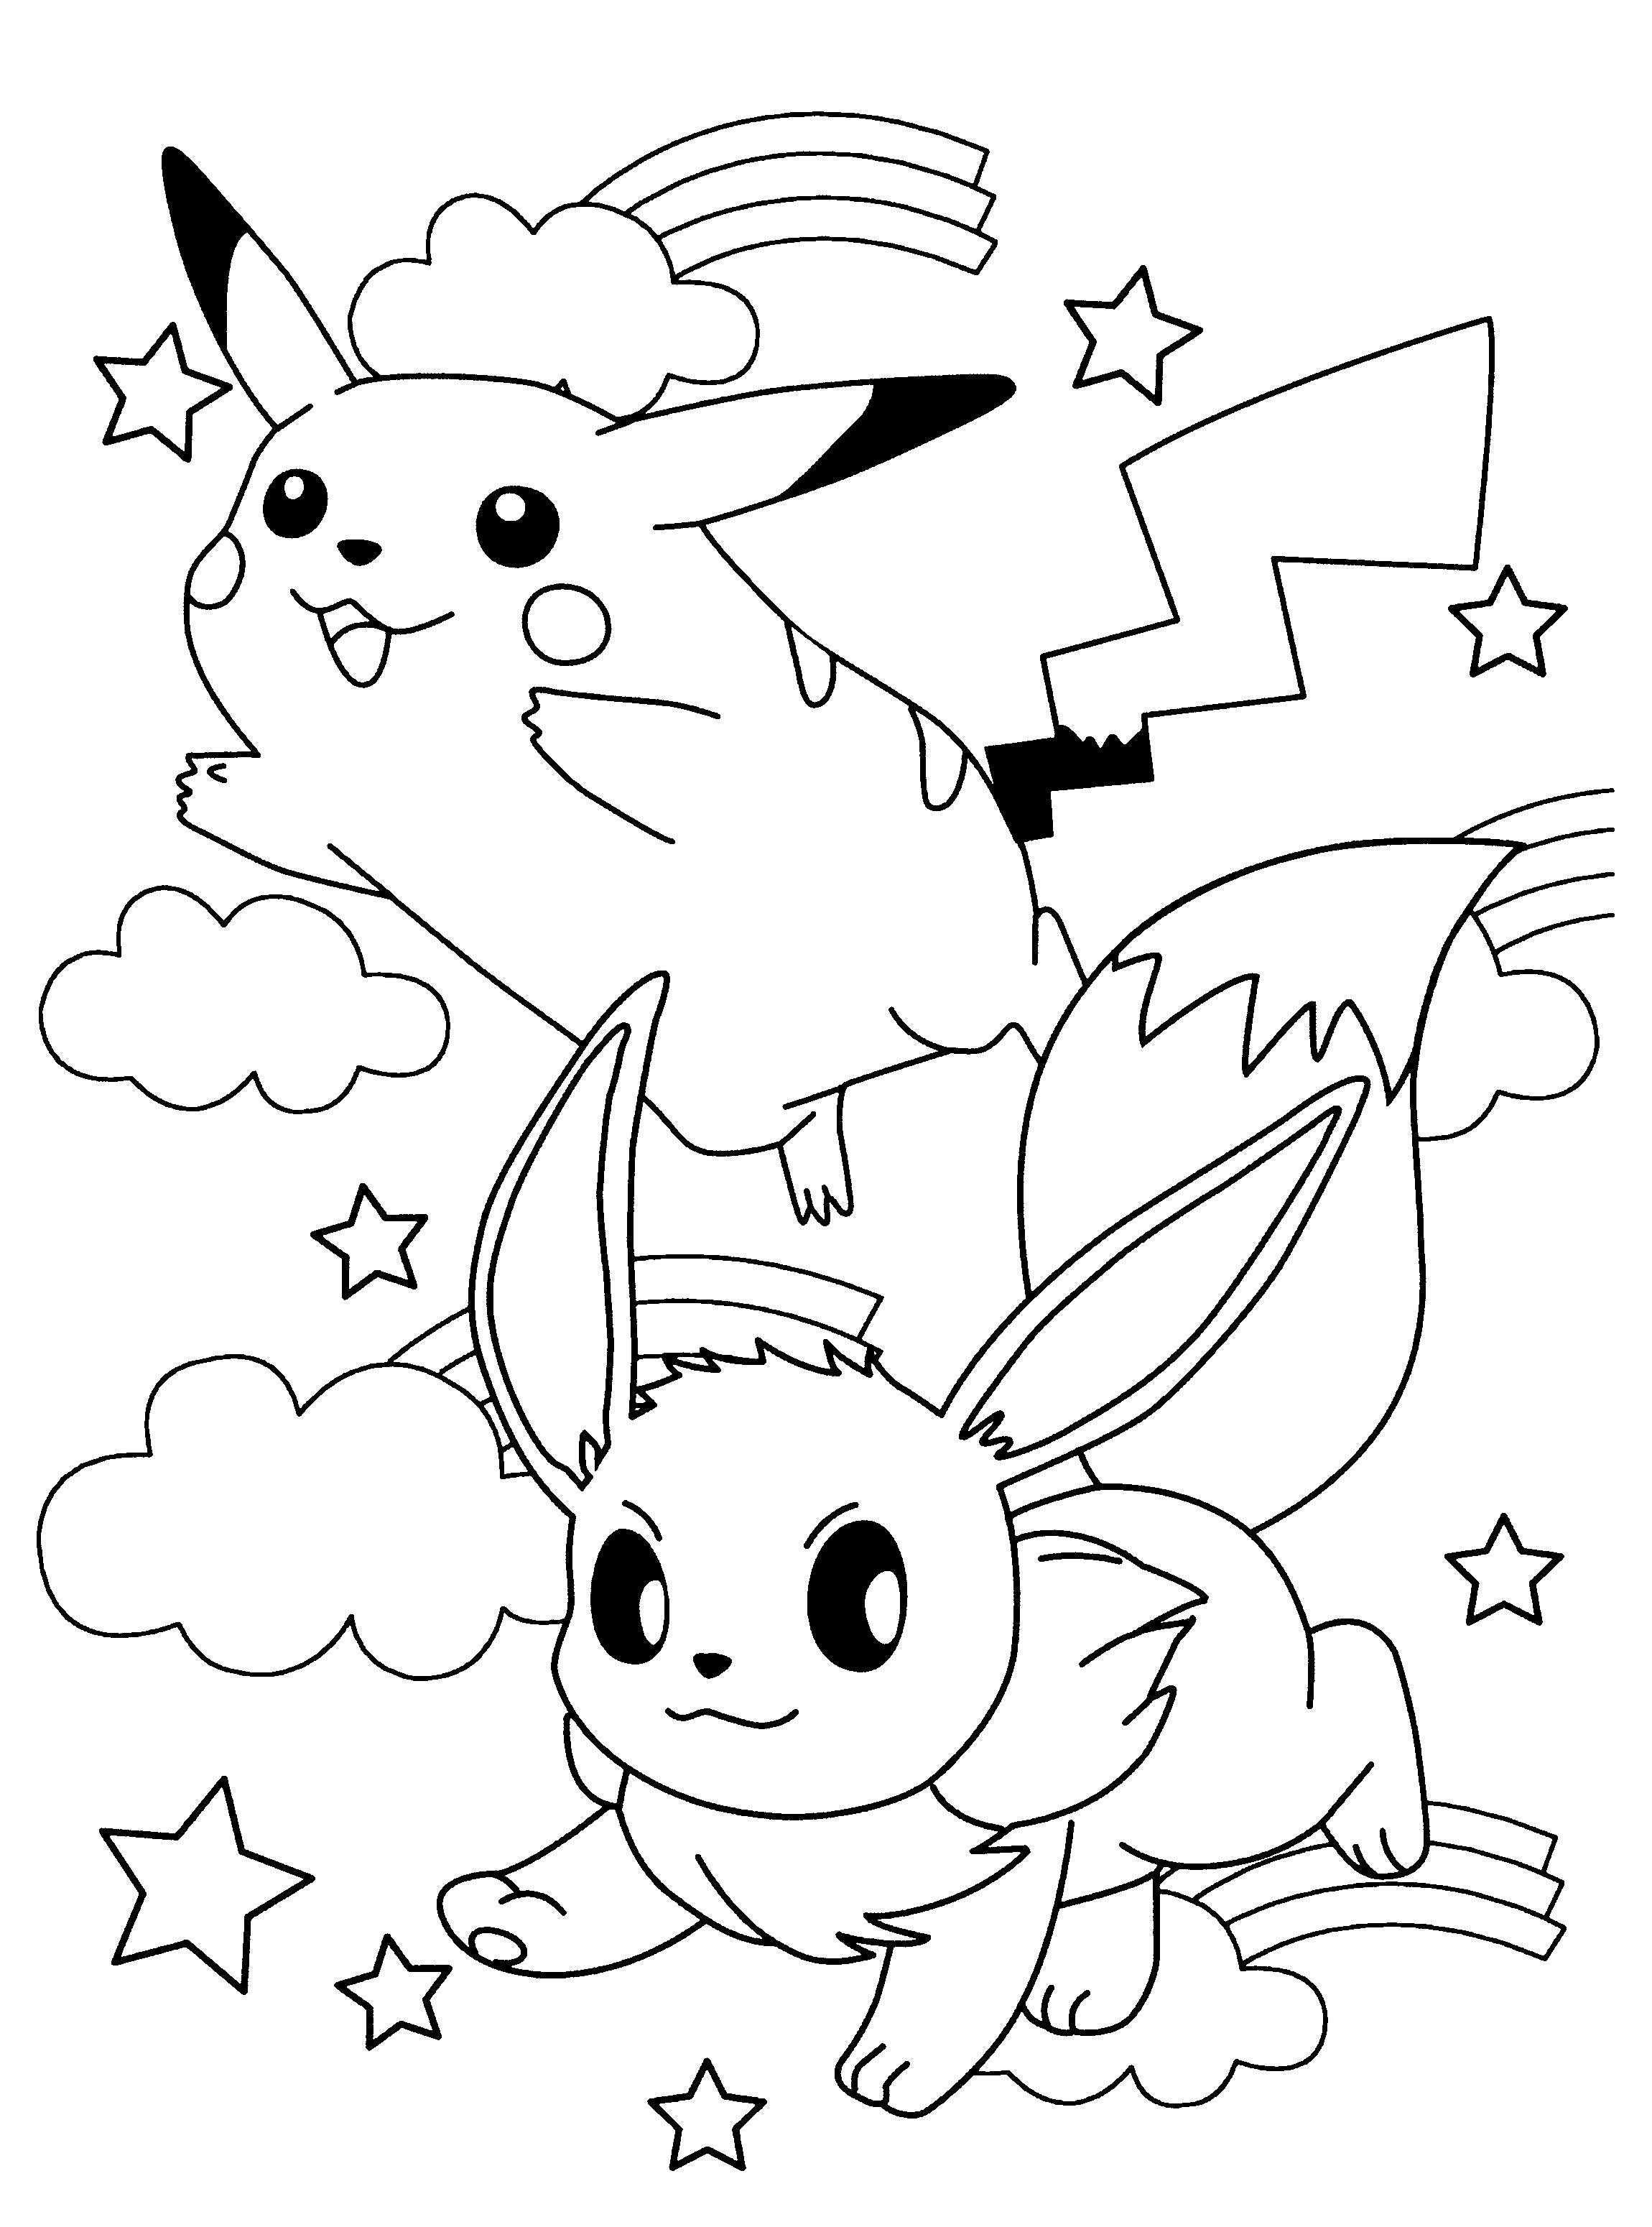 Ausmalbilder Pokemon Nachtara Das Beste Von Malvorlagen Pokemon Flamara Zeichnungen Pokemon Galerie